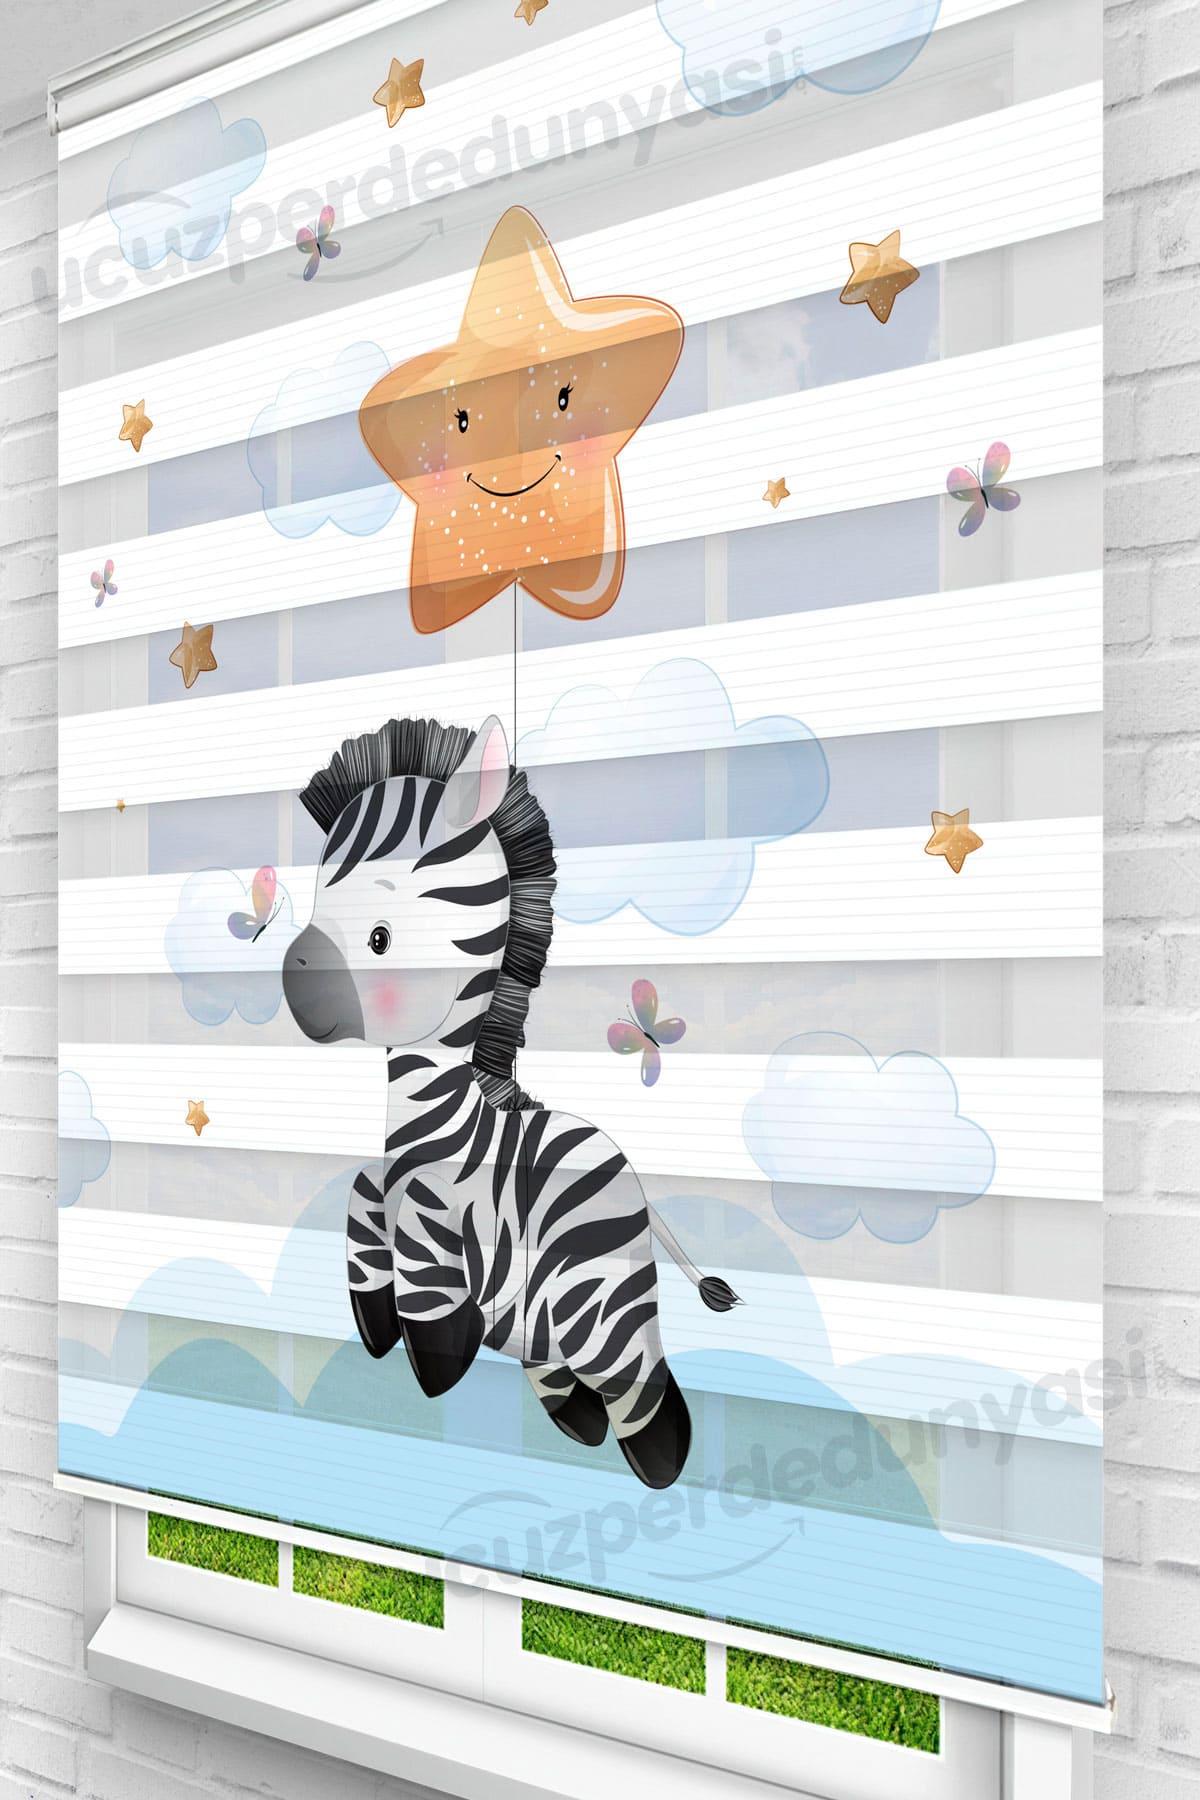 Göklerde Uçan Zebra Çocuk Odası Zebra Perde